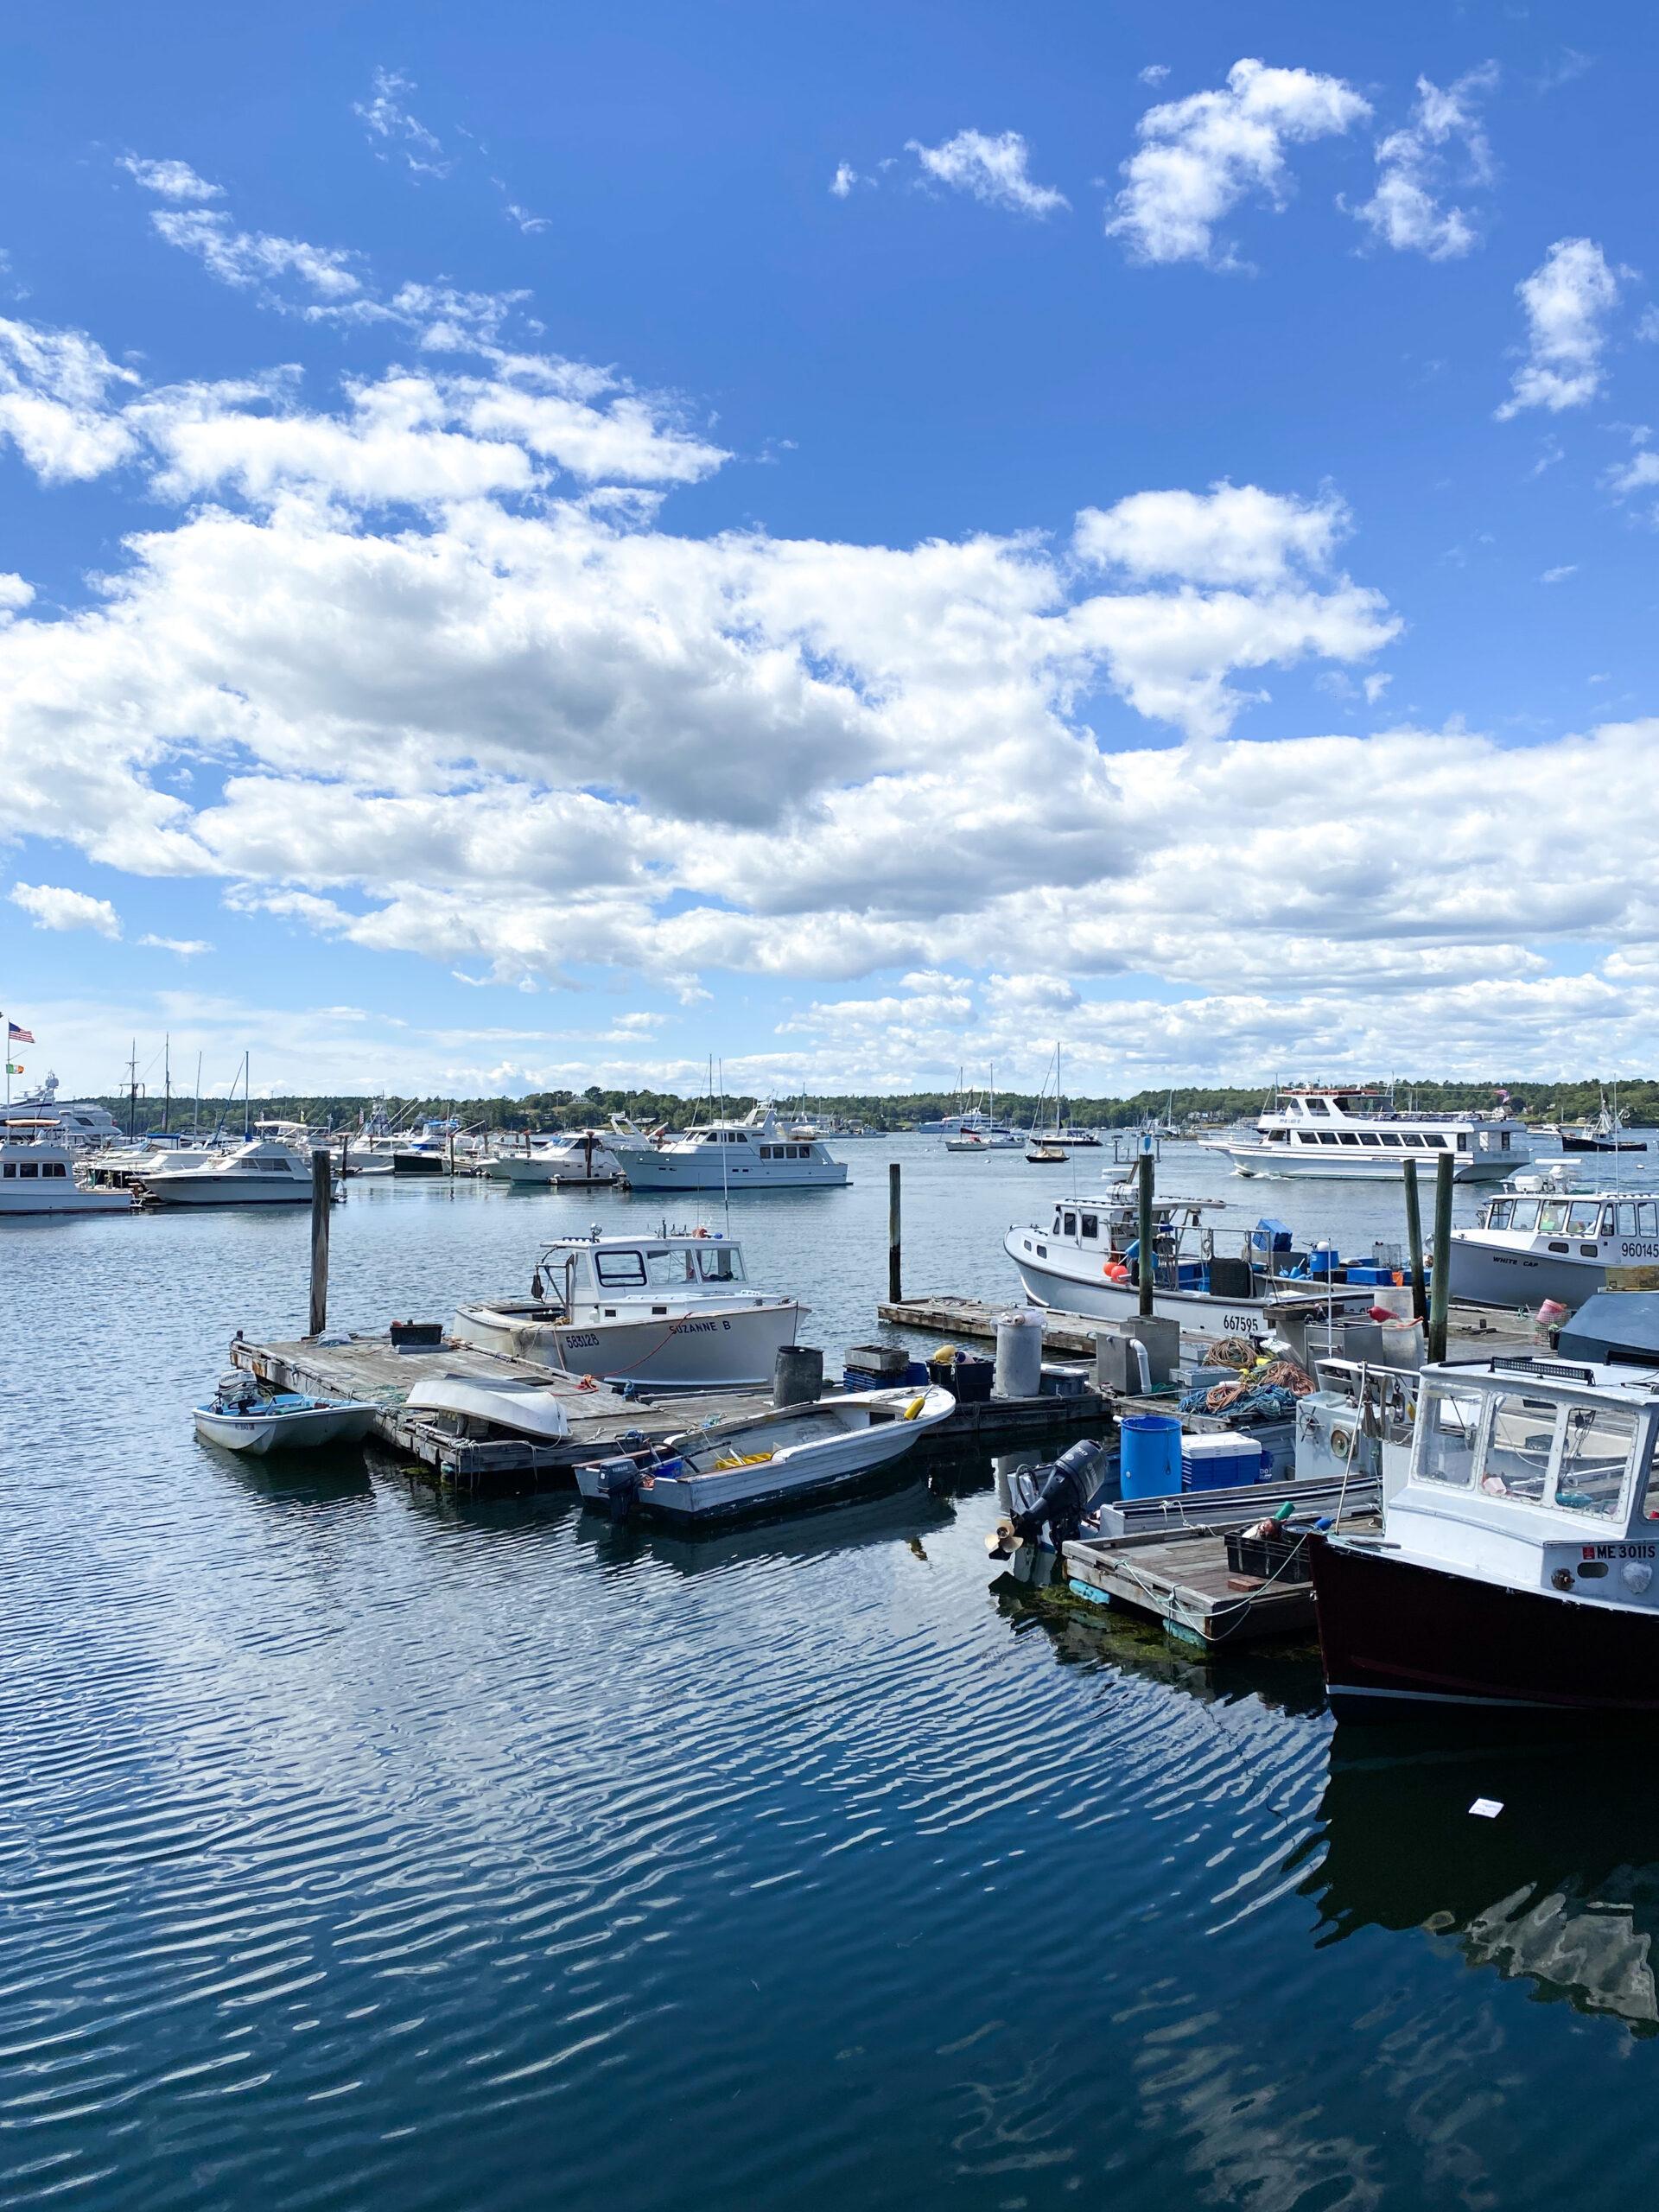 Trip to Maine